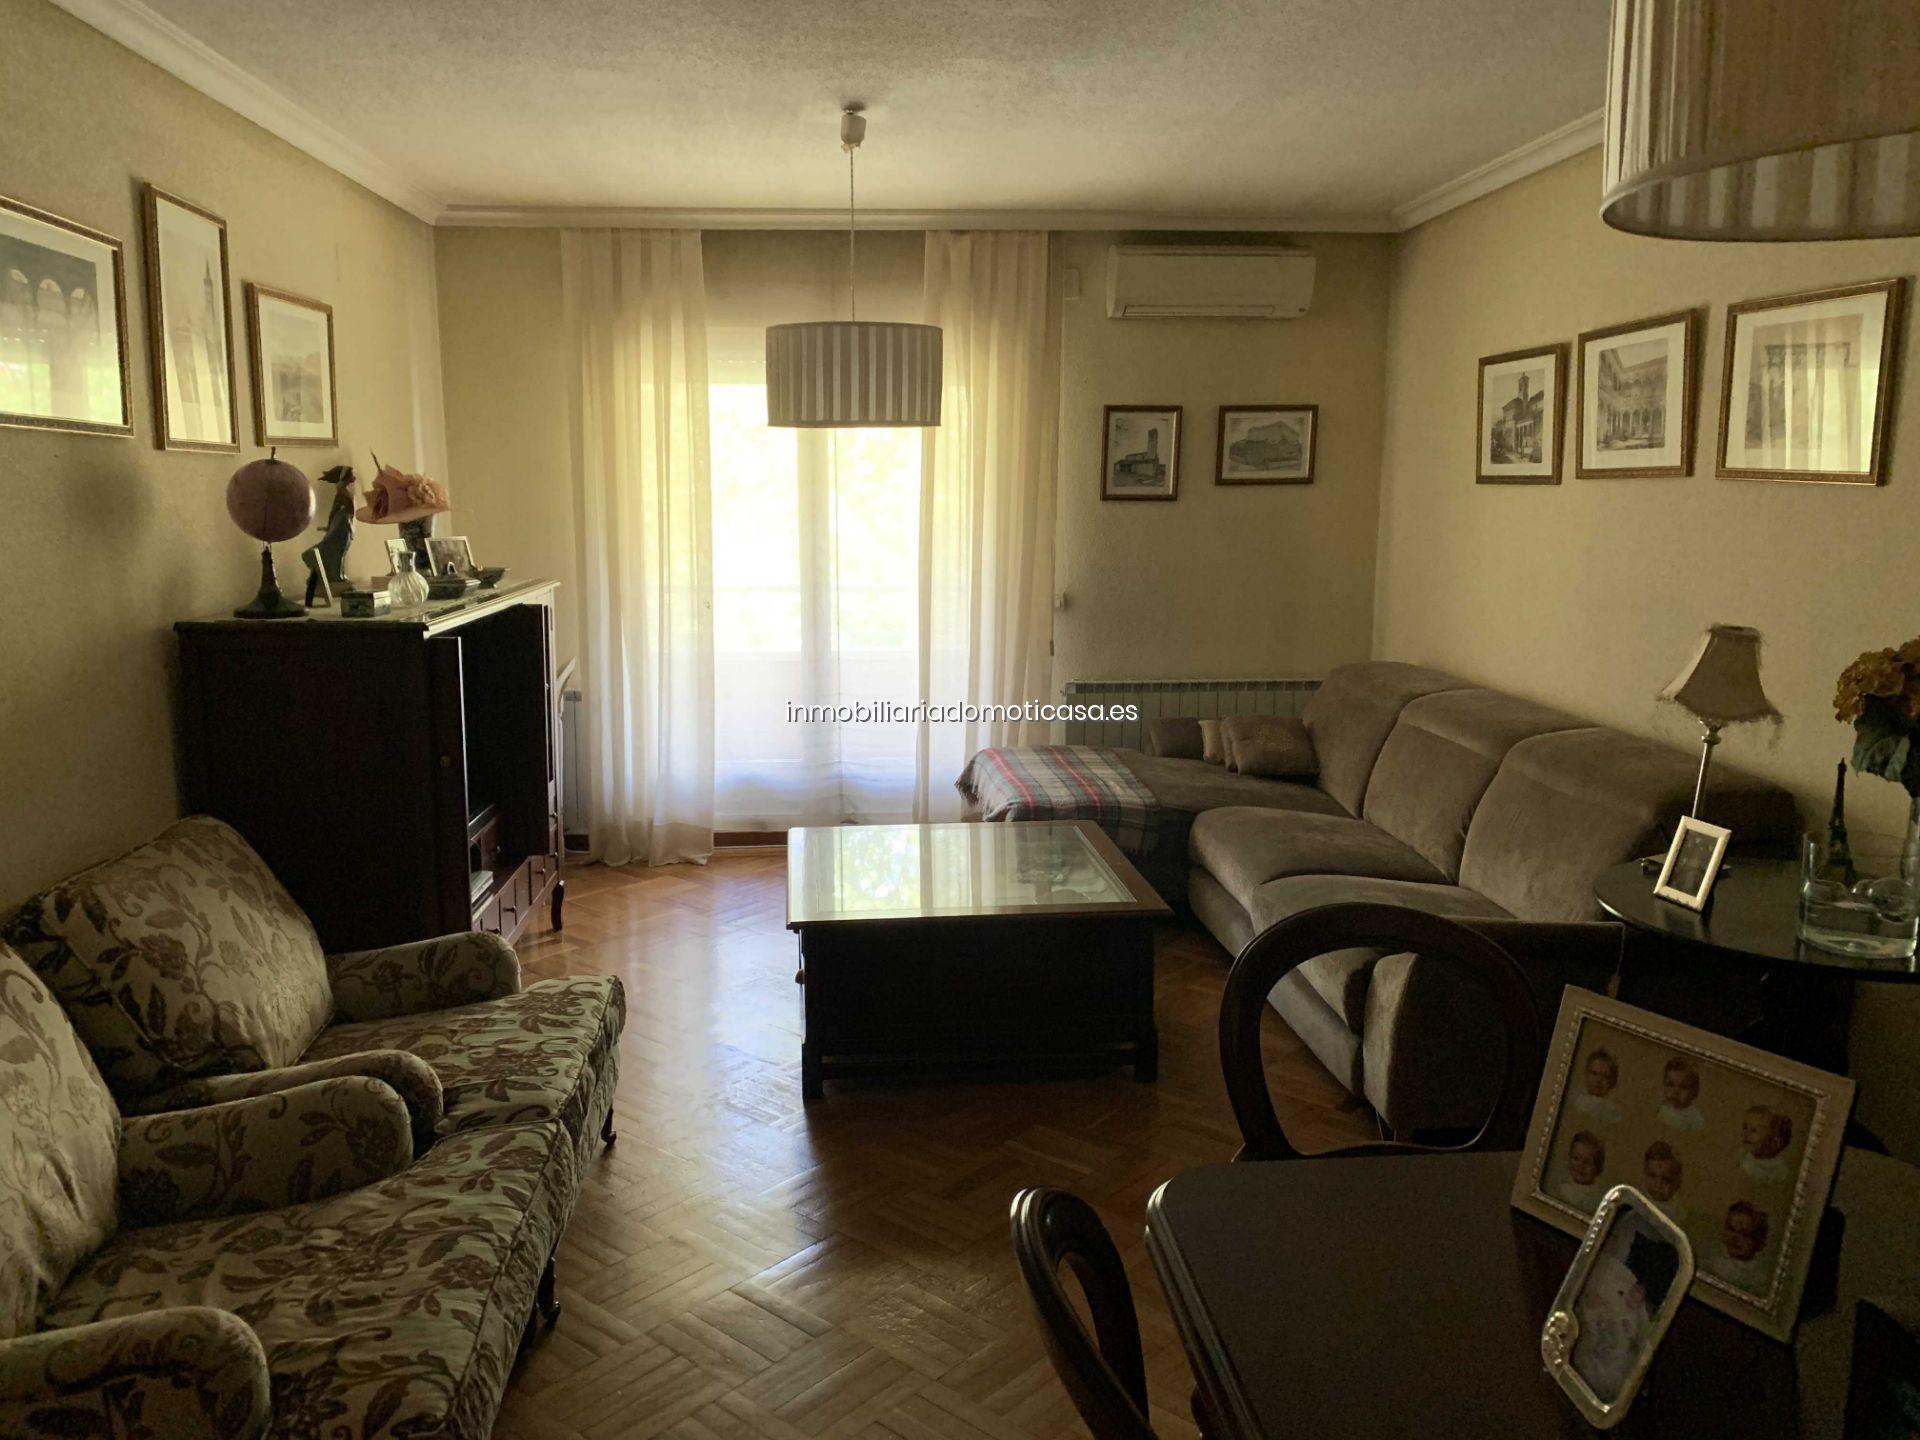 Muebles De Bano De Segunda Mano En Guadalajara.Venta Piso En Guadalajara Zona Bejanque Con Ascensor